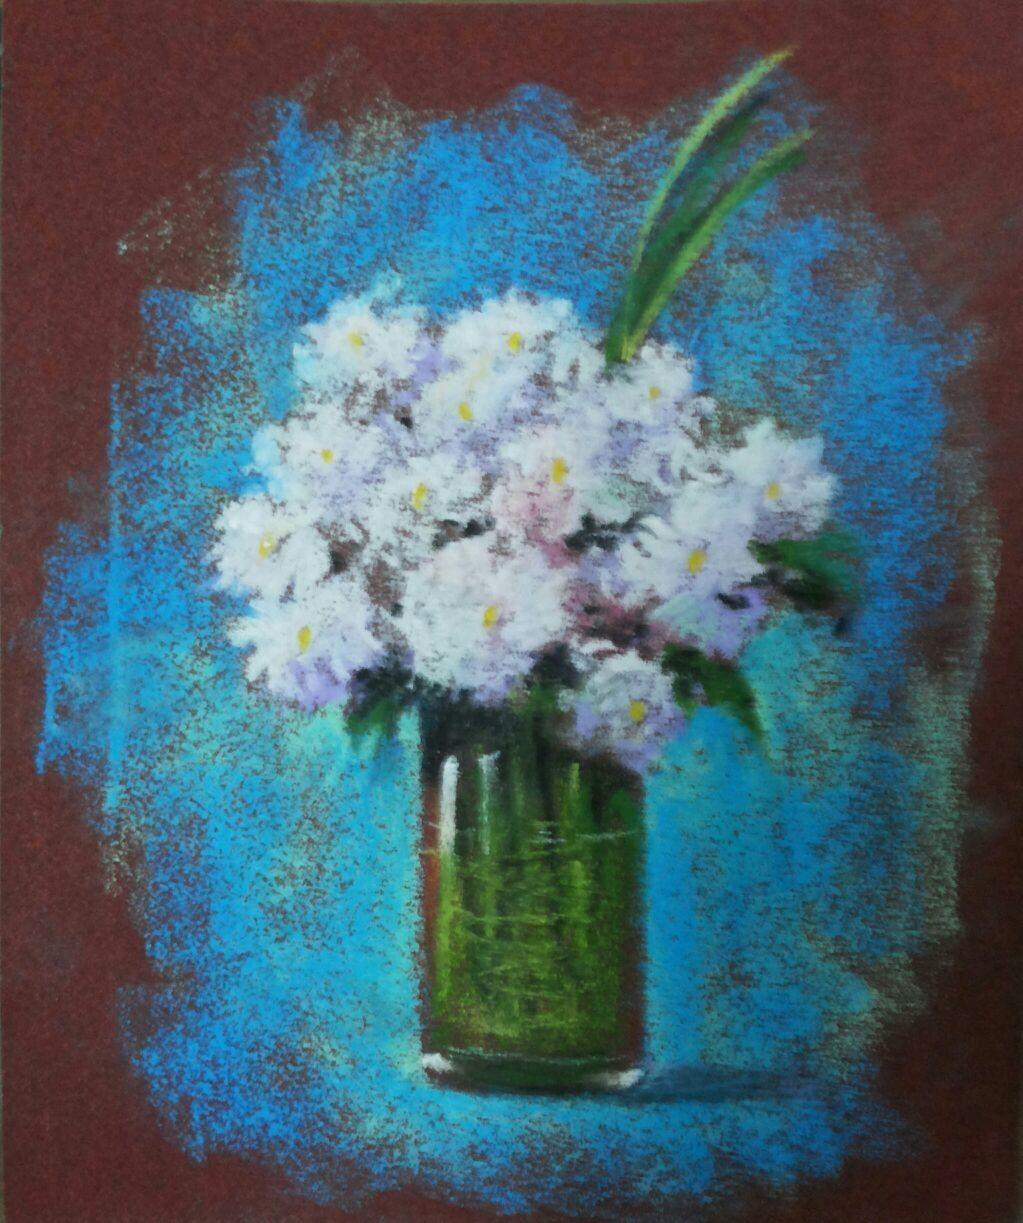 Flower vase oil pastels on sandpaper oil pastels pinterest oil flower vase oil pastels on sandpaper reviewsmspy